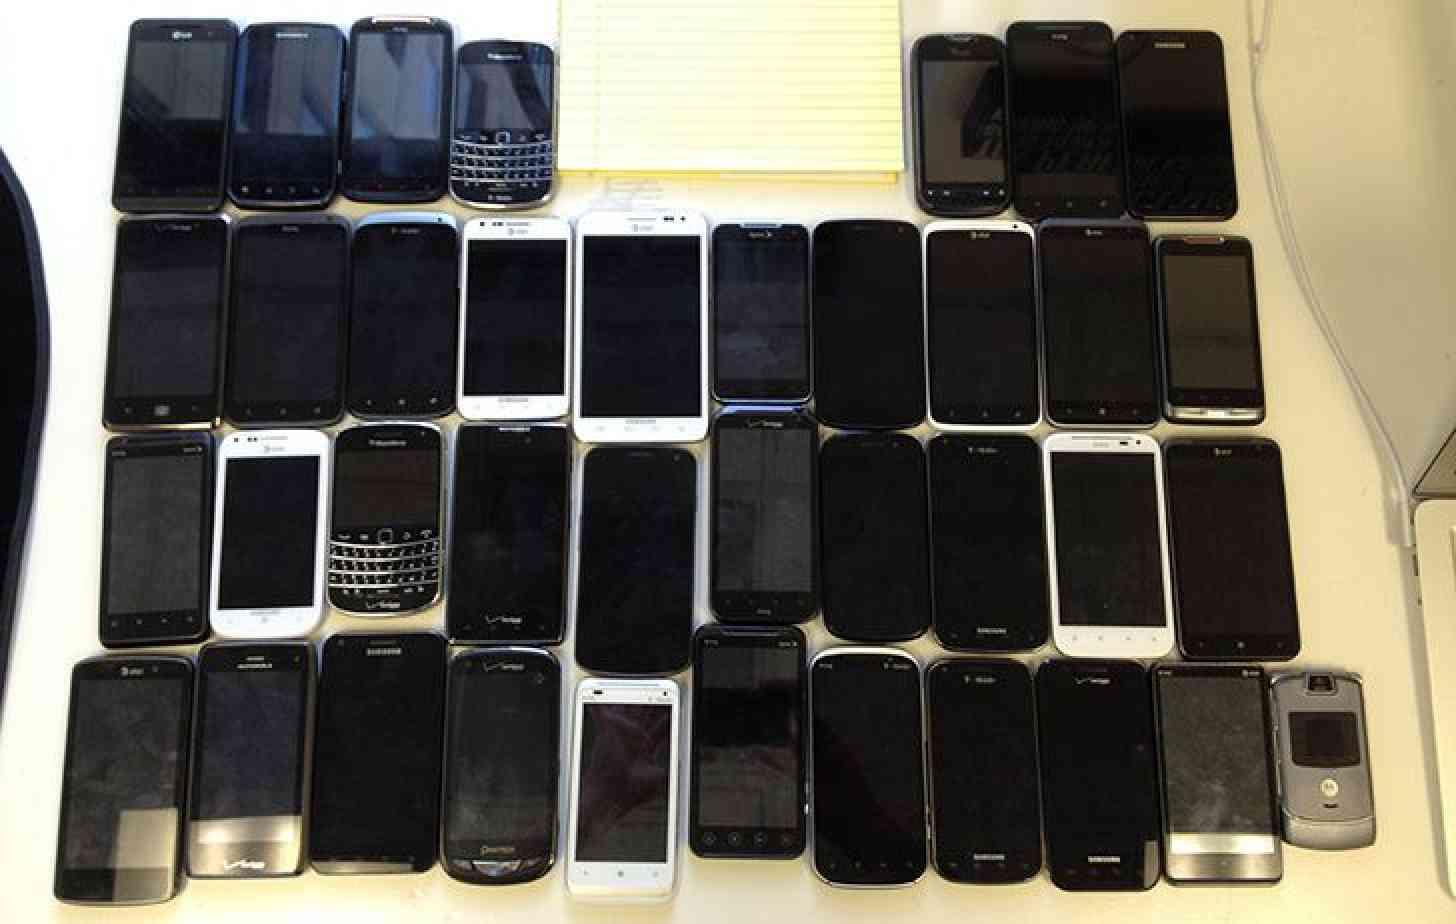 Lots of smartphones